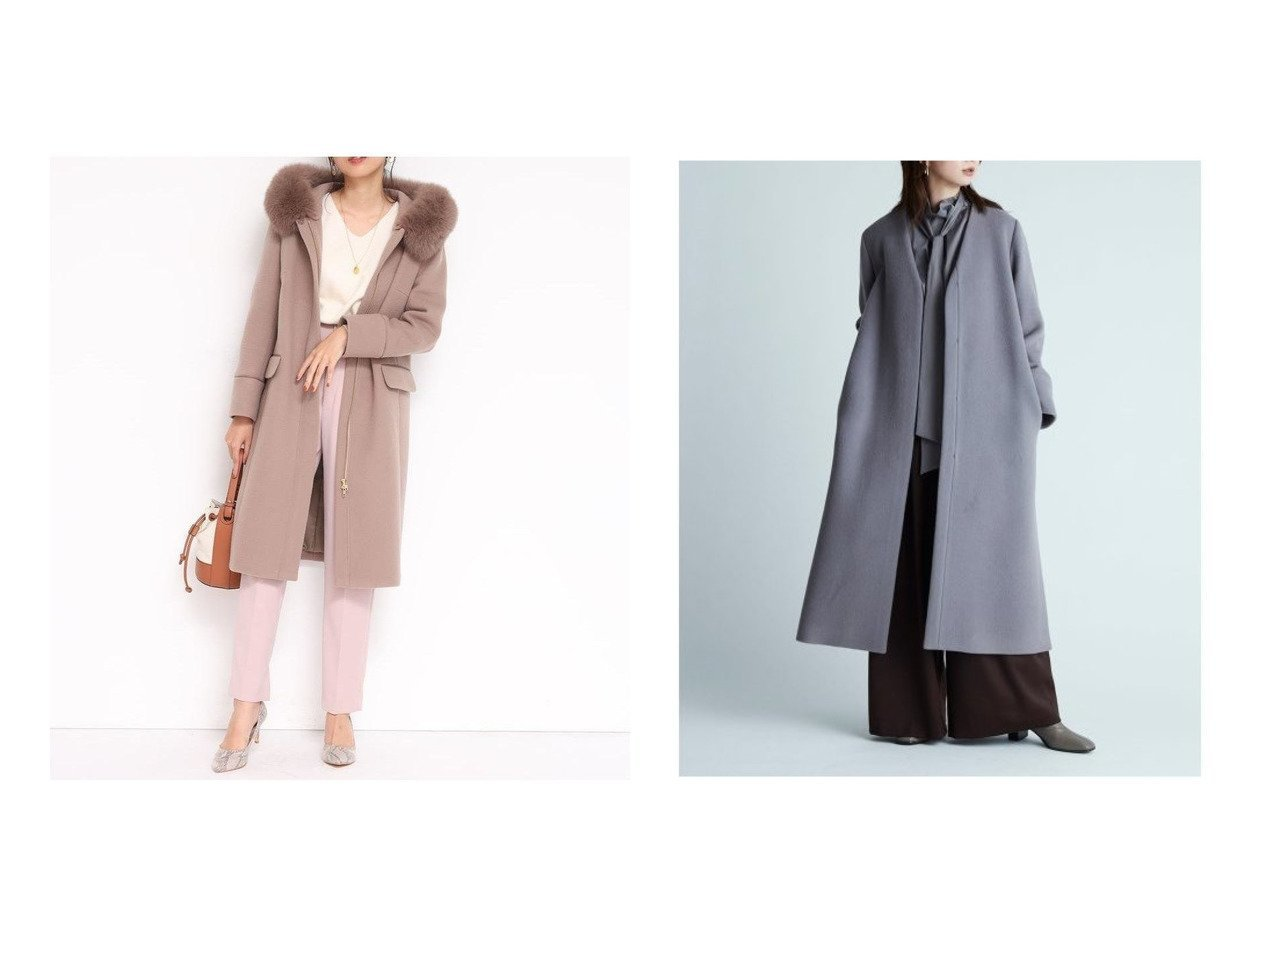 【FRAY I.D/フレイ アイディー】のMANTECOノーカラーコート&【JUSGLITTY/ジャスグリッティー】の3wayコート アウターのおすすめ!人気、レディースファッションの通販  おすすめで人気のファッション通販商品 インテリア・家具・キッズファッション・メンズファッション・レディースファッション・服の通販 founy(ファニー) https://founy.com/ ファッション Fashion レディース WOMEN アウター Coat Outerwear コート Coats ジャケット Jackets ノーカラージャケット No Collar Leather Jackets シンプル フェミニン イタリア ジャケット スマート スリット ボトム ロング |ID:crp329100000003227